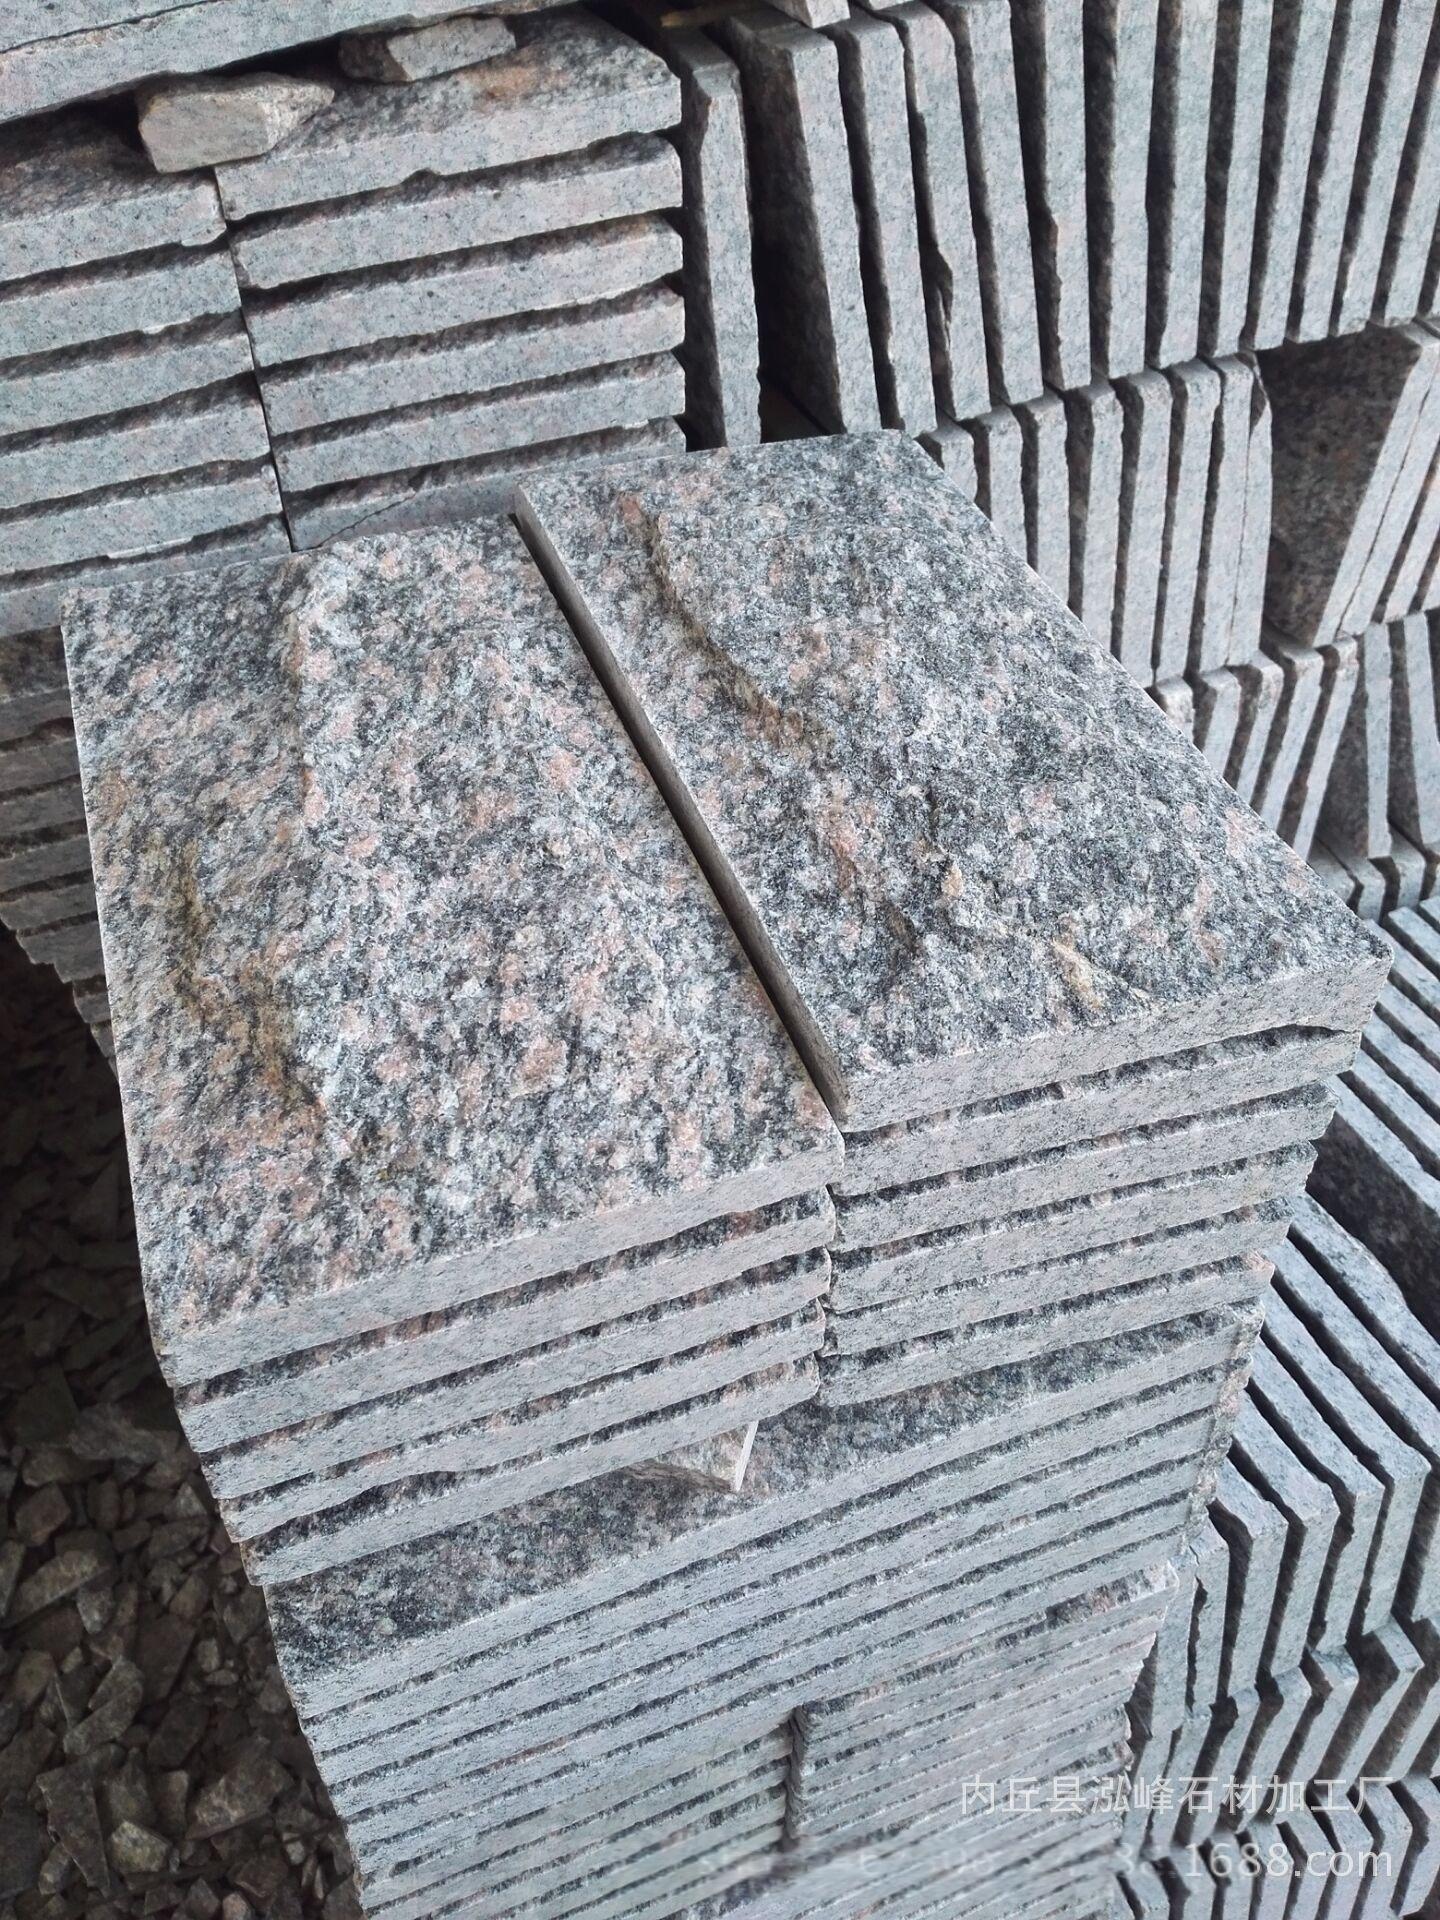 定制青石窗台石 天然石材窗台板 橱柜 青石 地面 家用面板